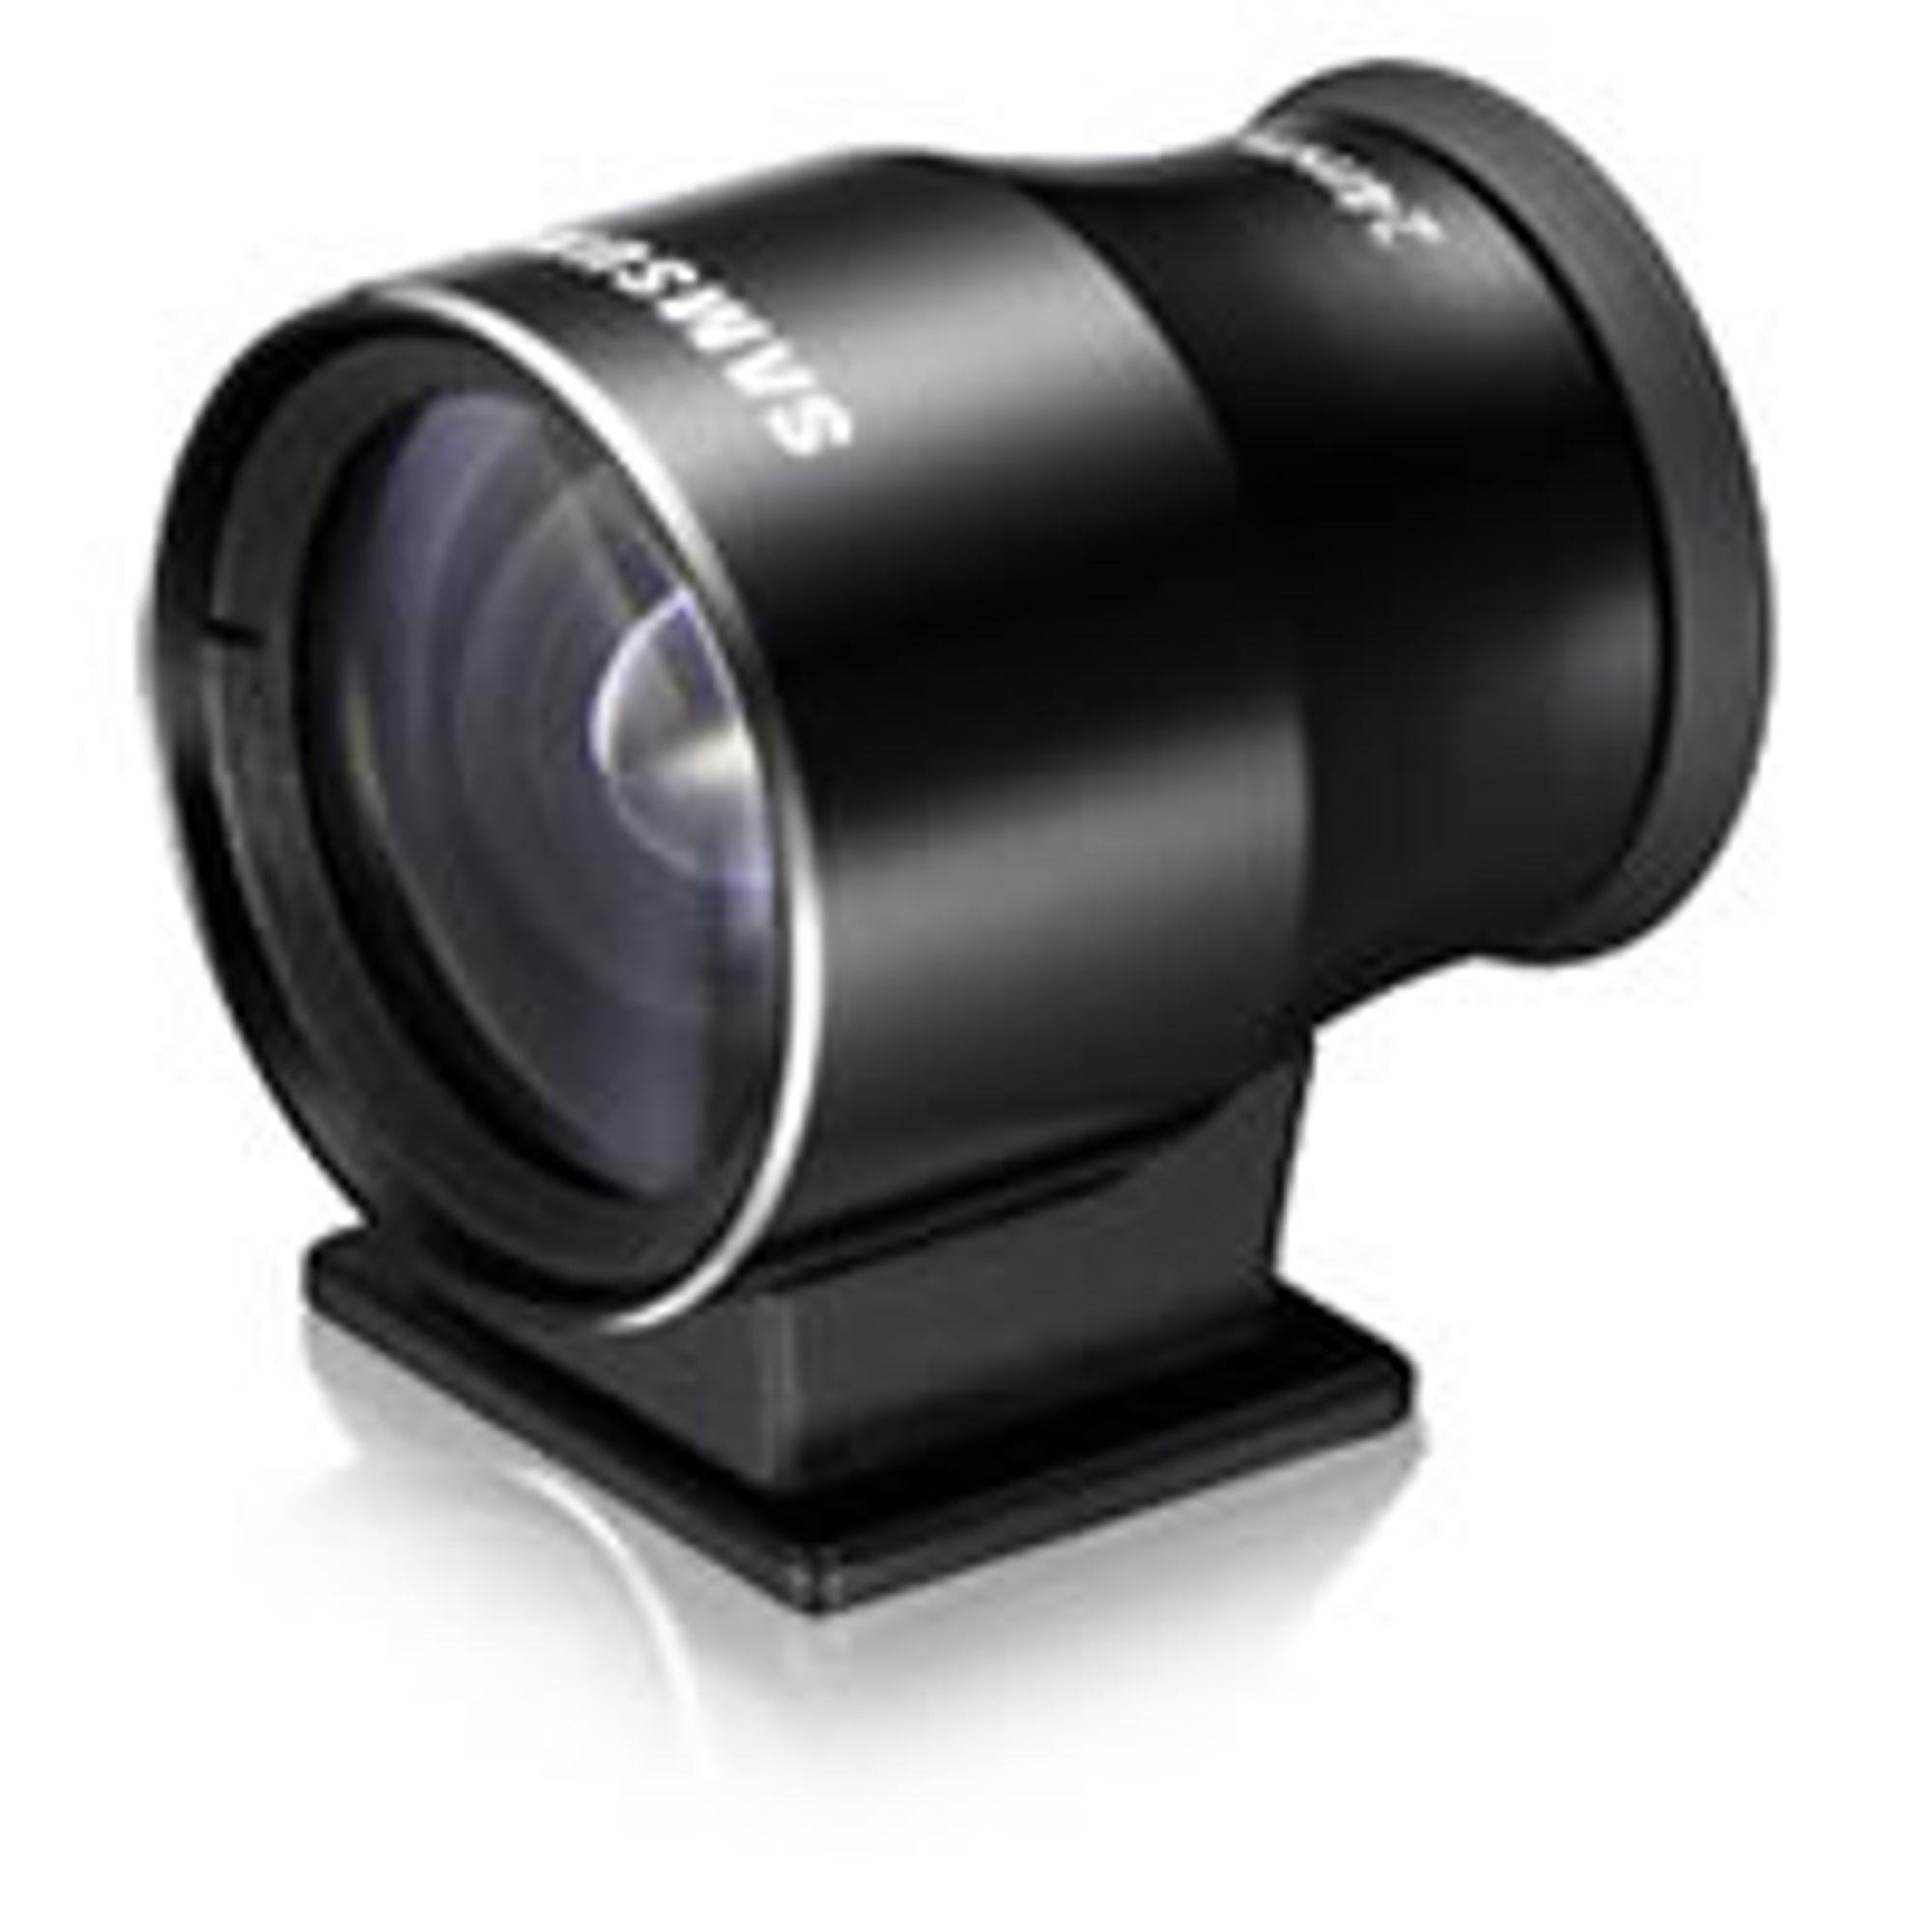 En optisk søker fra Samsung passer til 16mm F2.4.